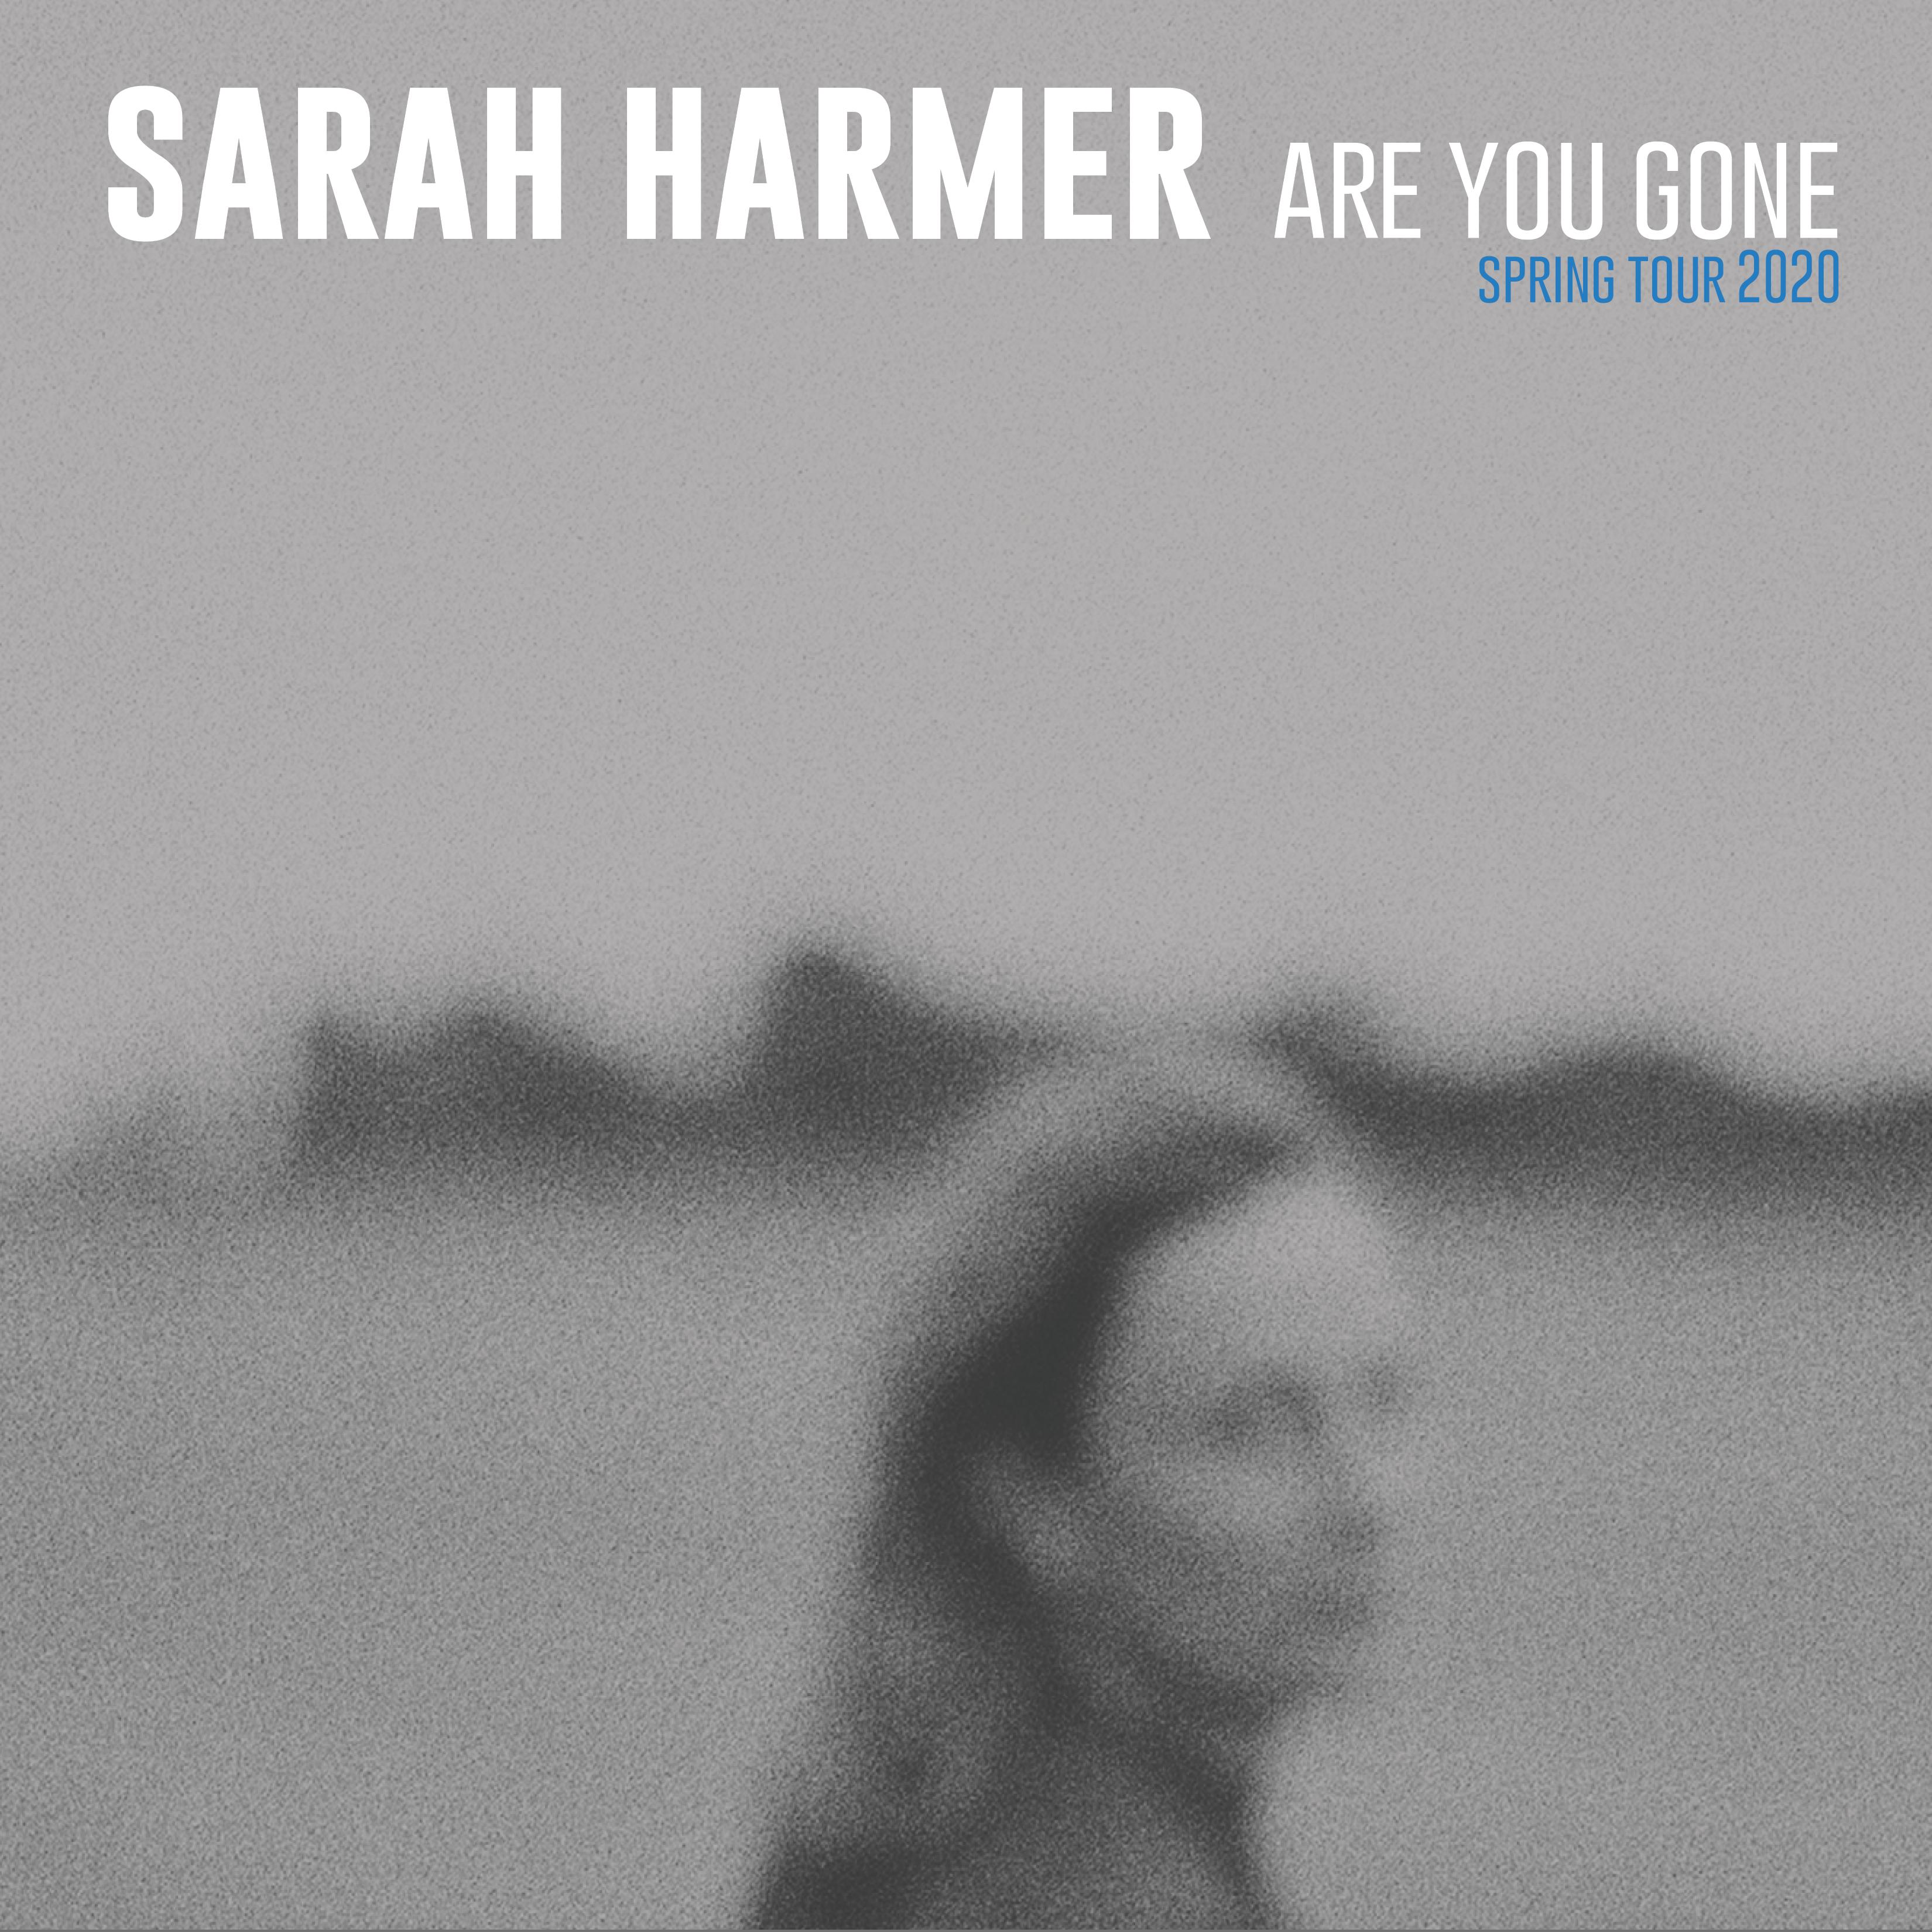 Sarah Harmer Image